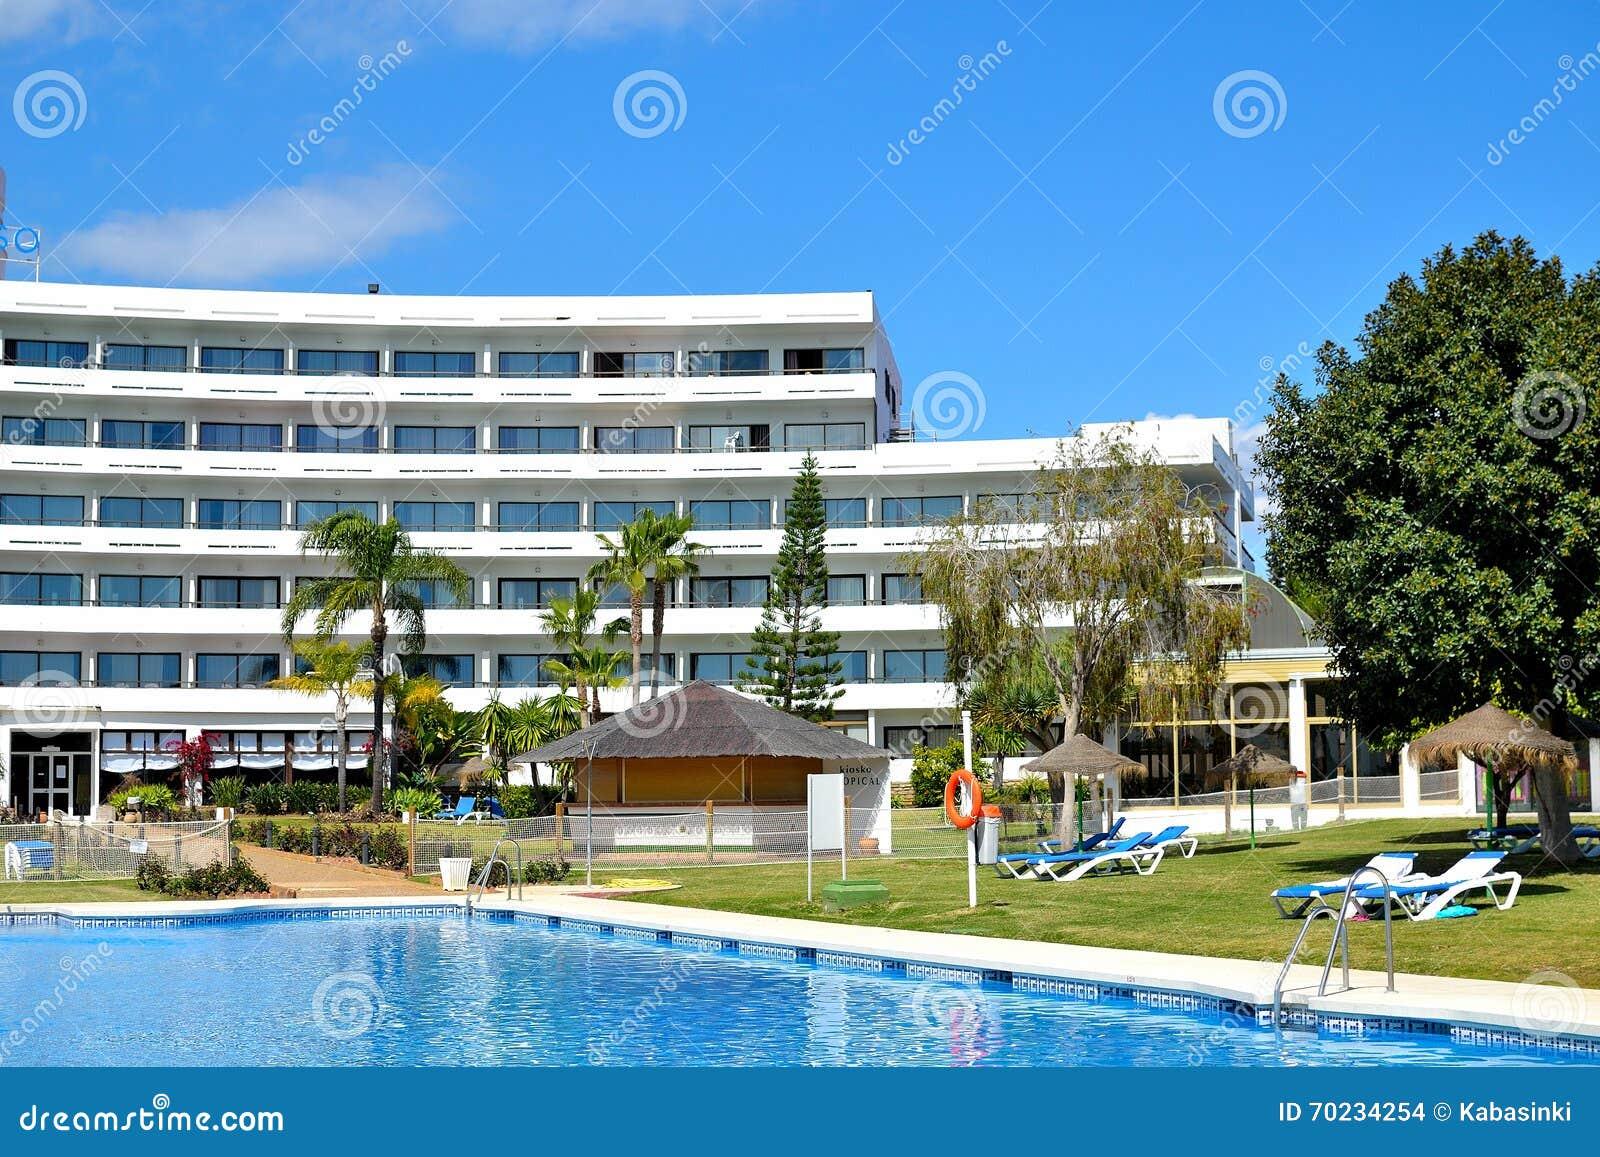 Schones Hotel Trh Paraiso In Estepona Costa Del Sol Spanien